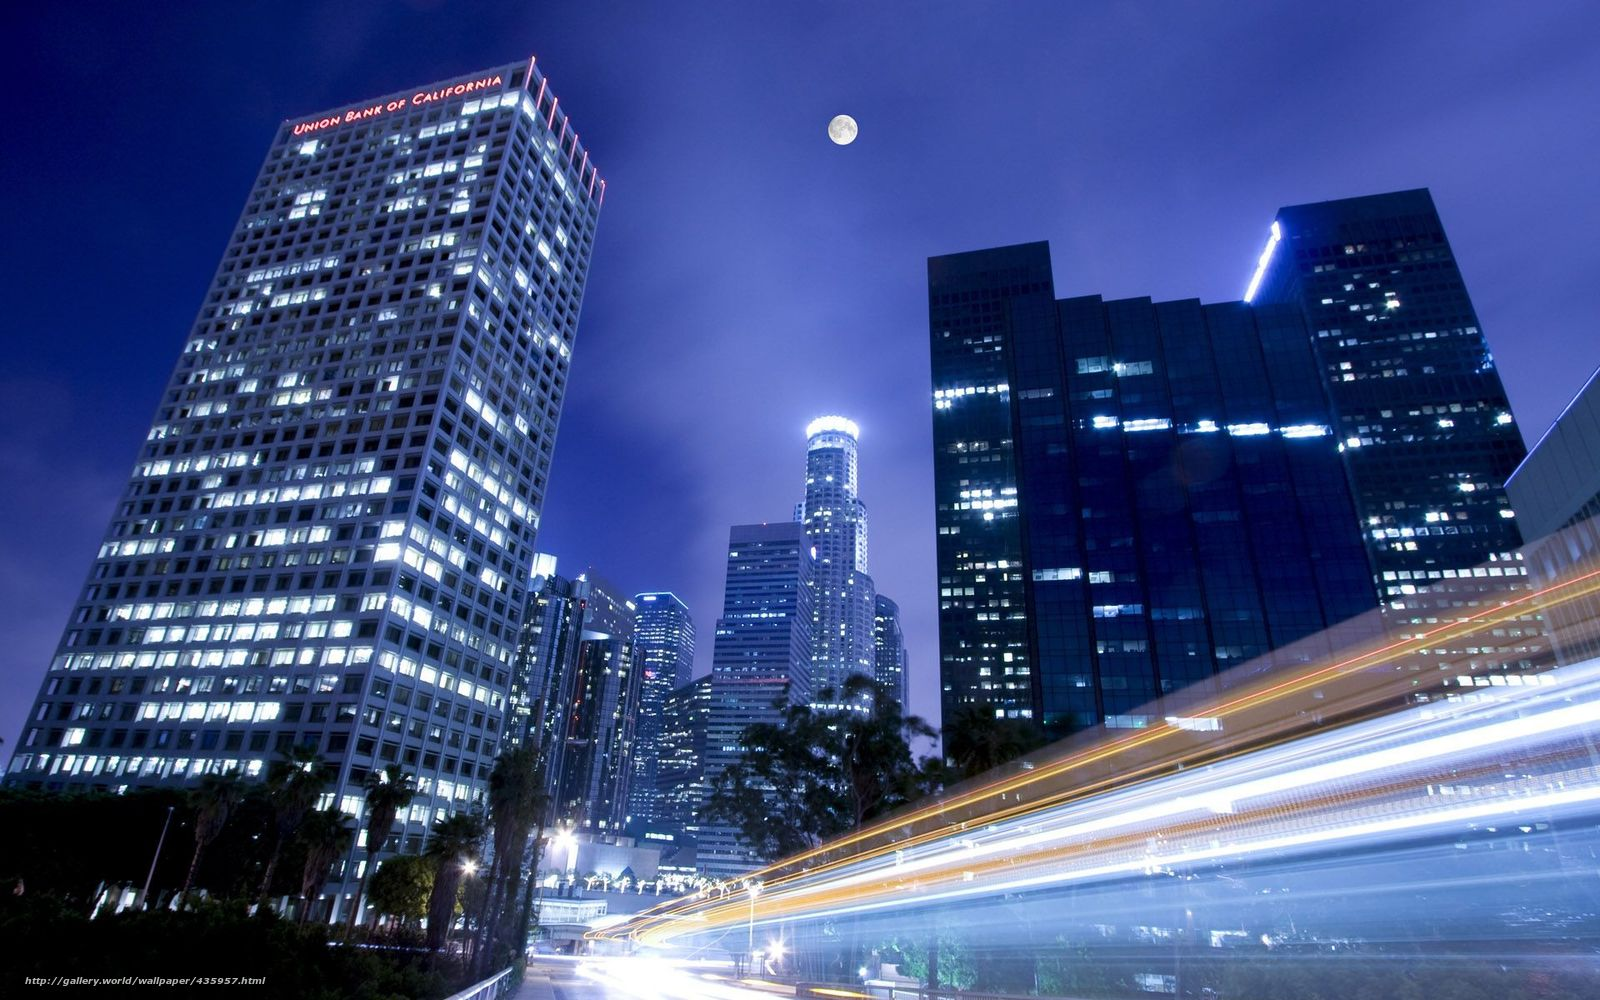 Tlcharger Fond D Ecran Usa Californie Los Angeles Ville